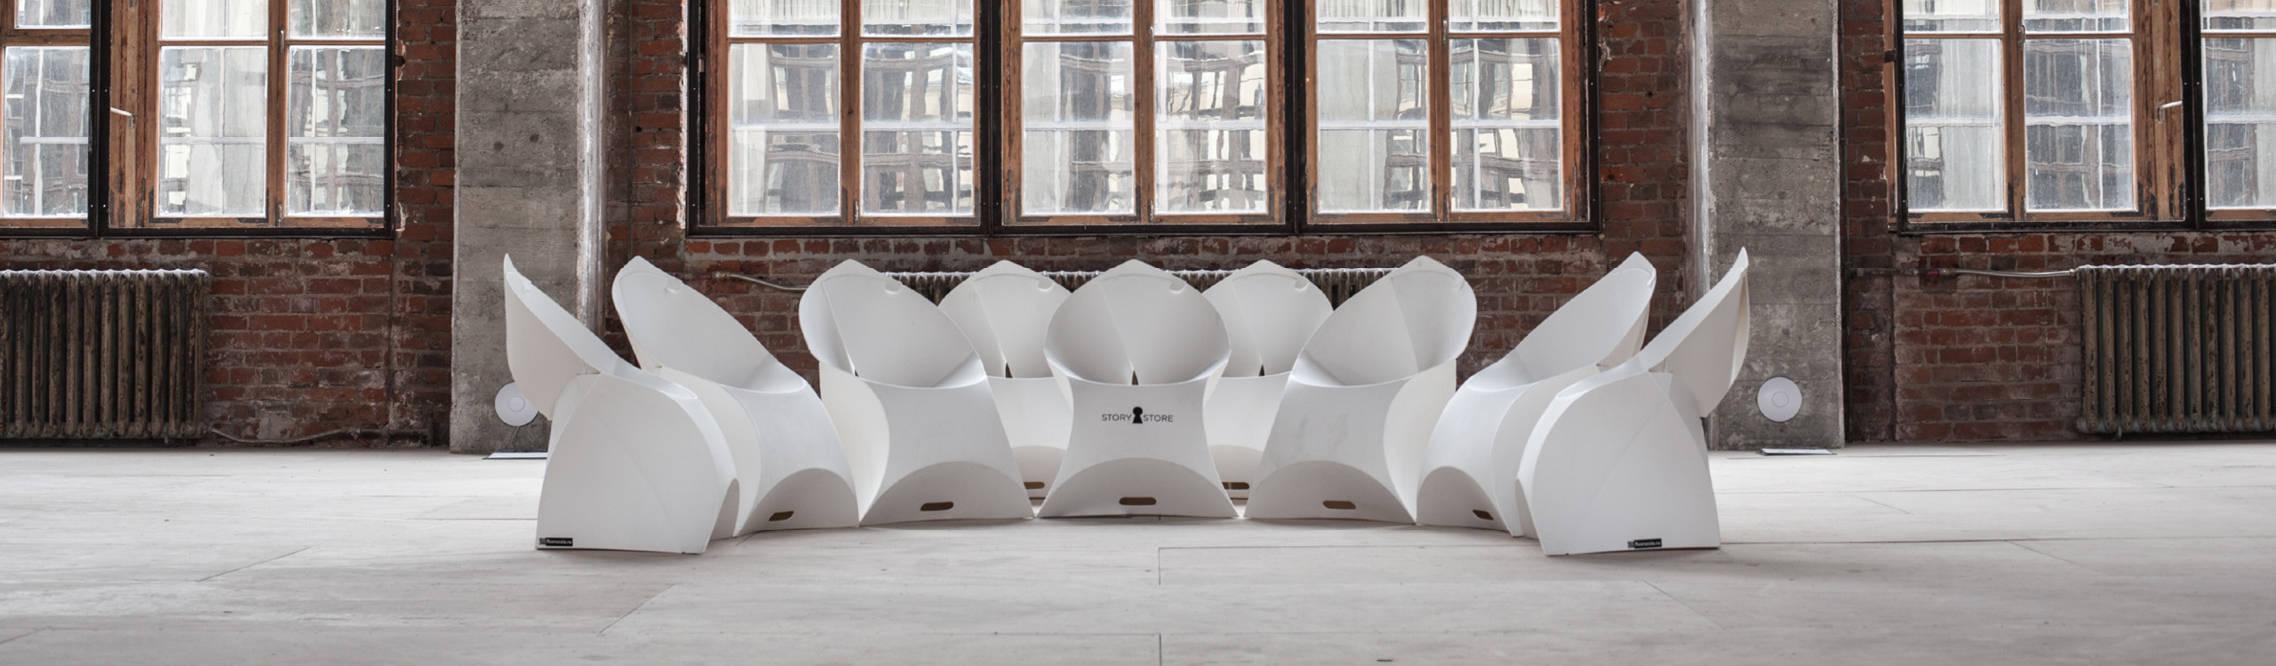 Flux Furniture